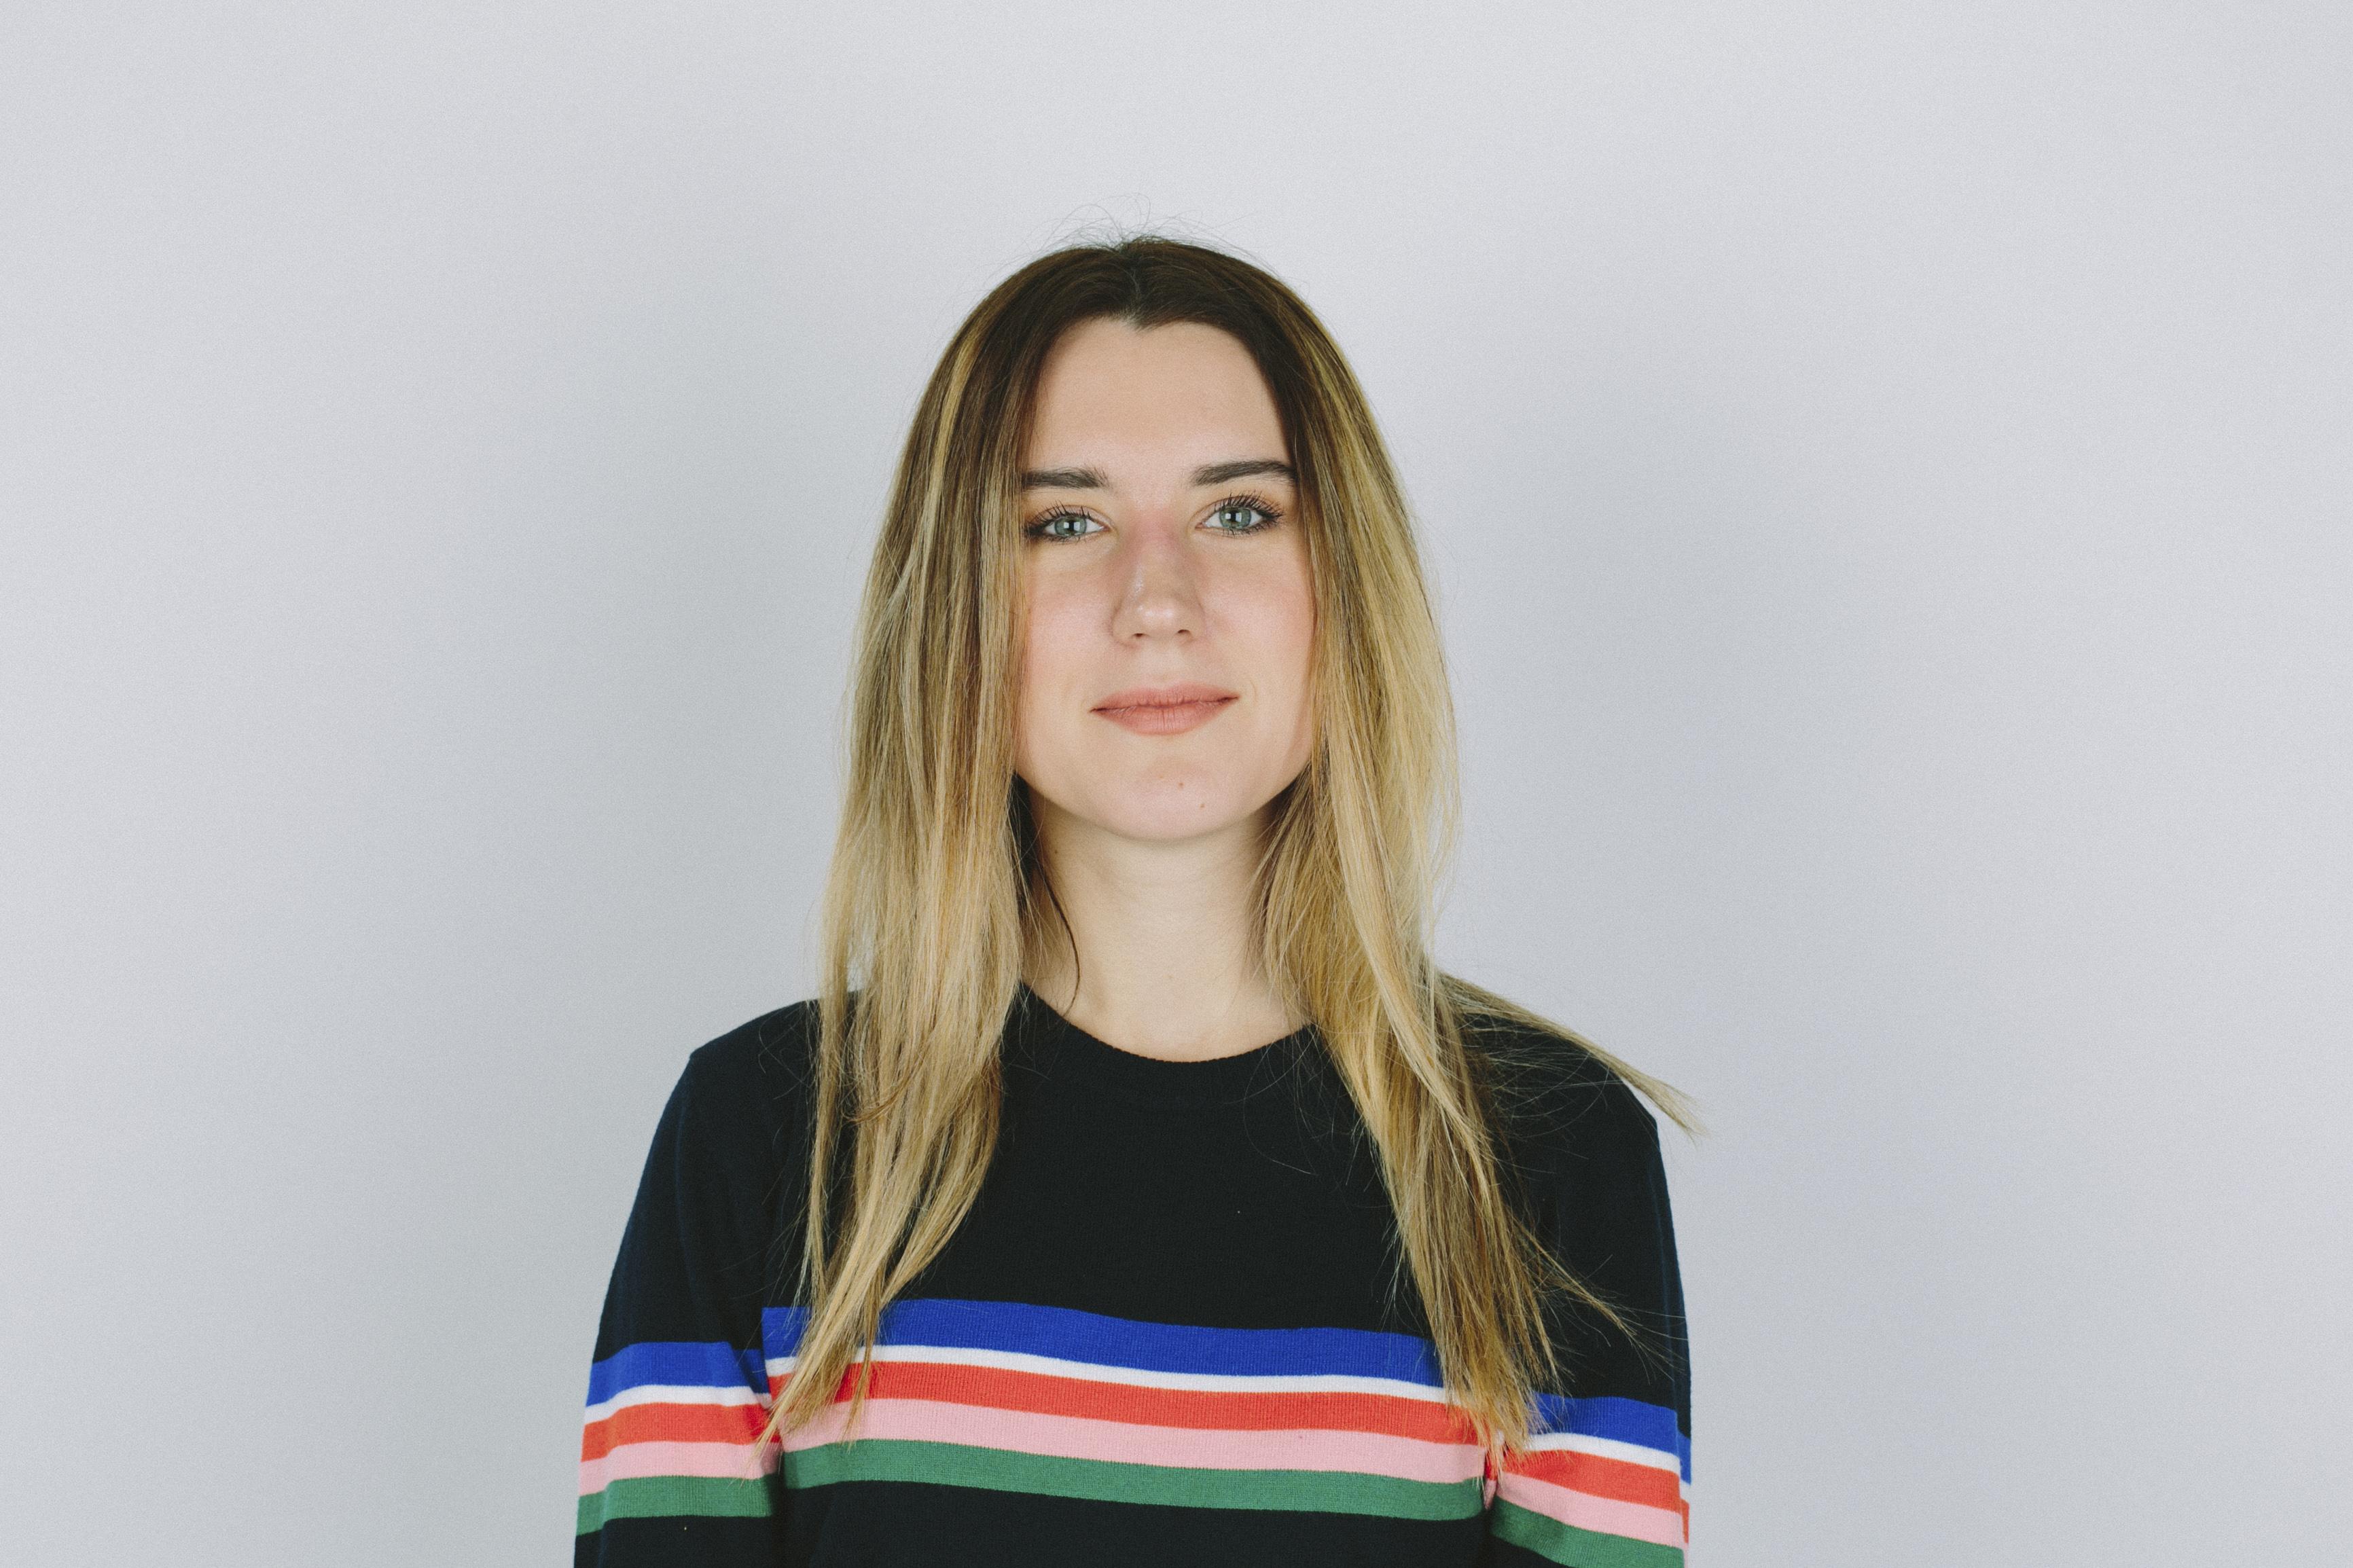 Young Anna Morozova nude photos 2019